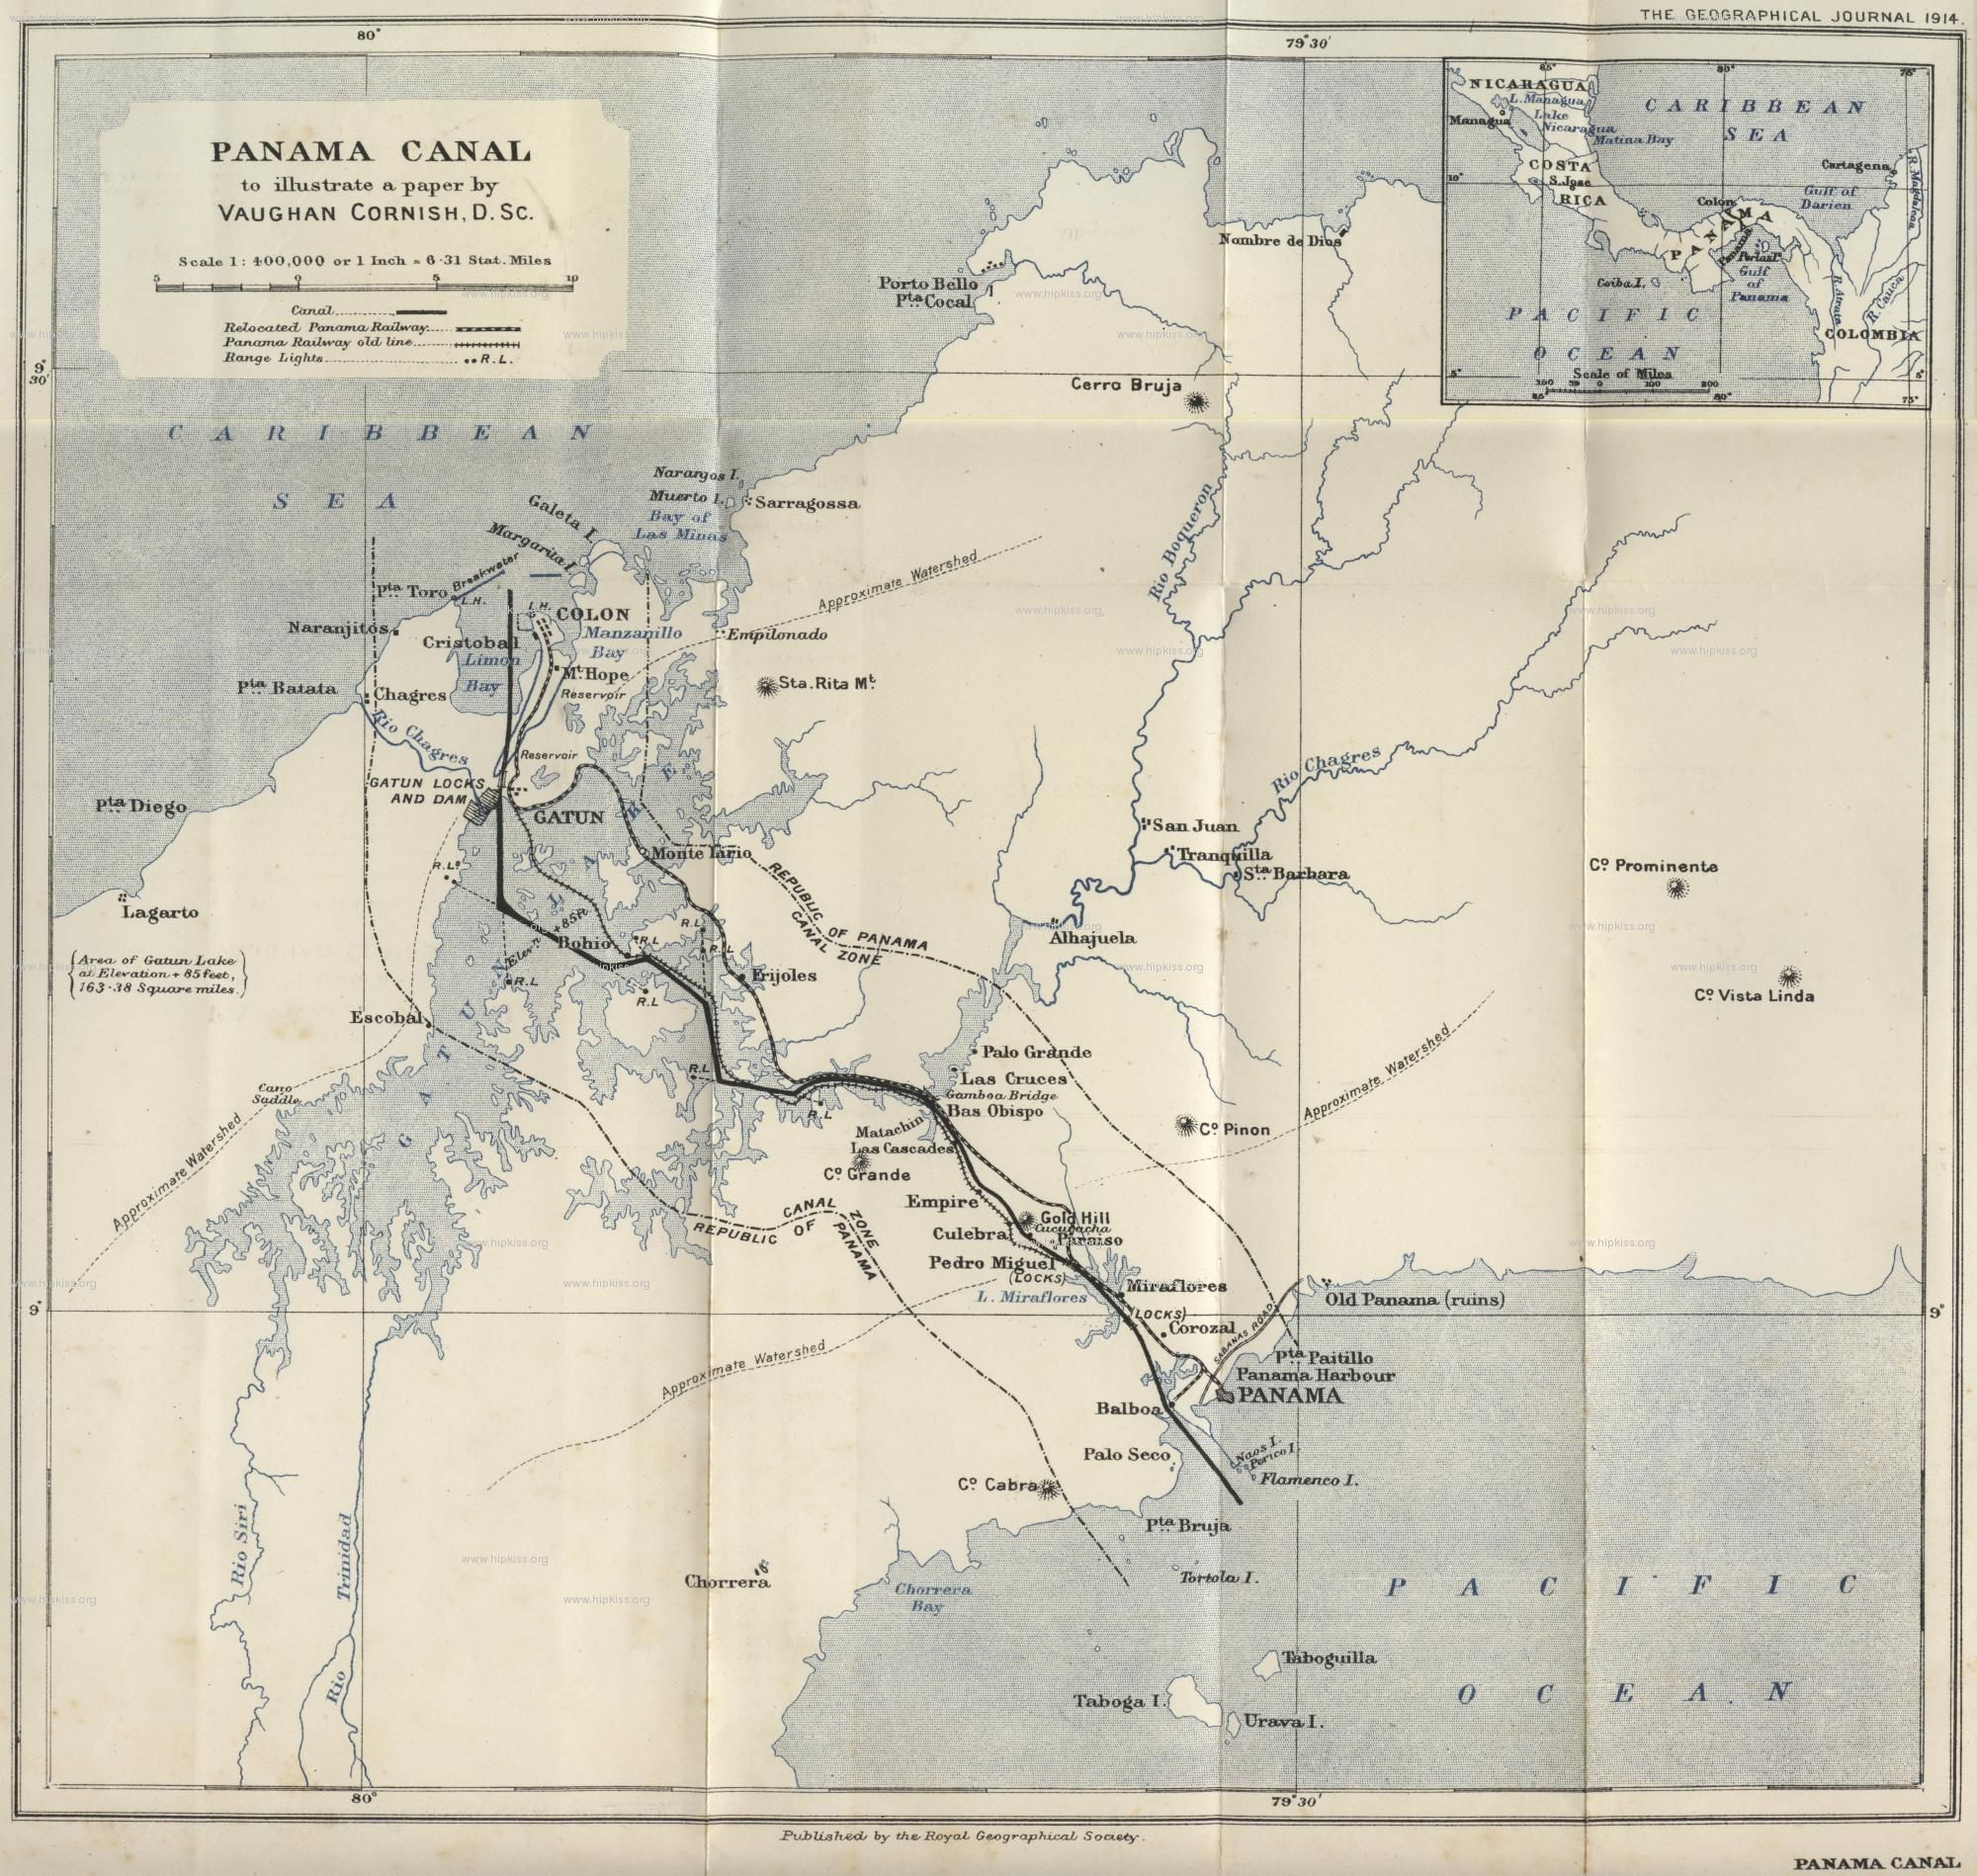 Mapa del canal de panam de 1914 panam pinterest panama mapa del canal de panam de 1914 atlaspanama canal gumiabroncs Images